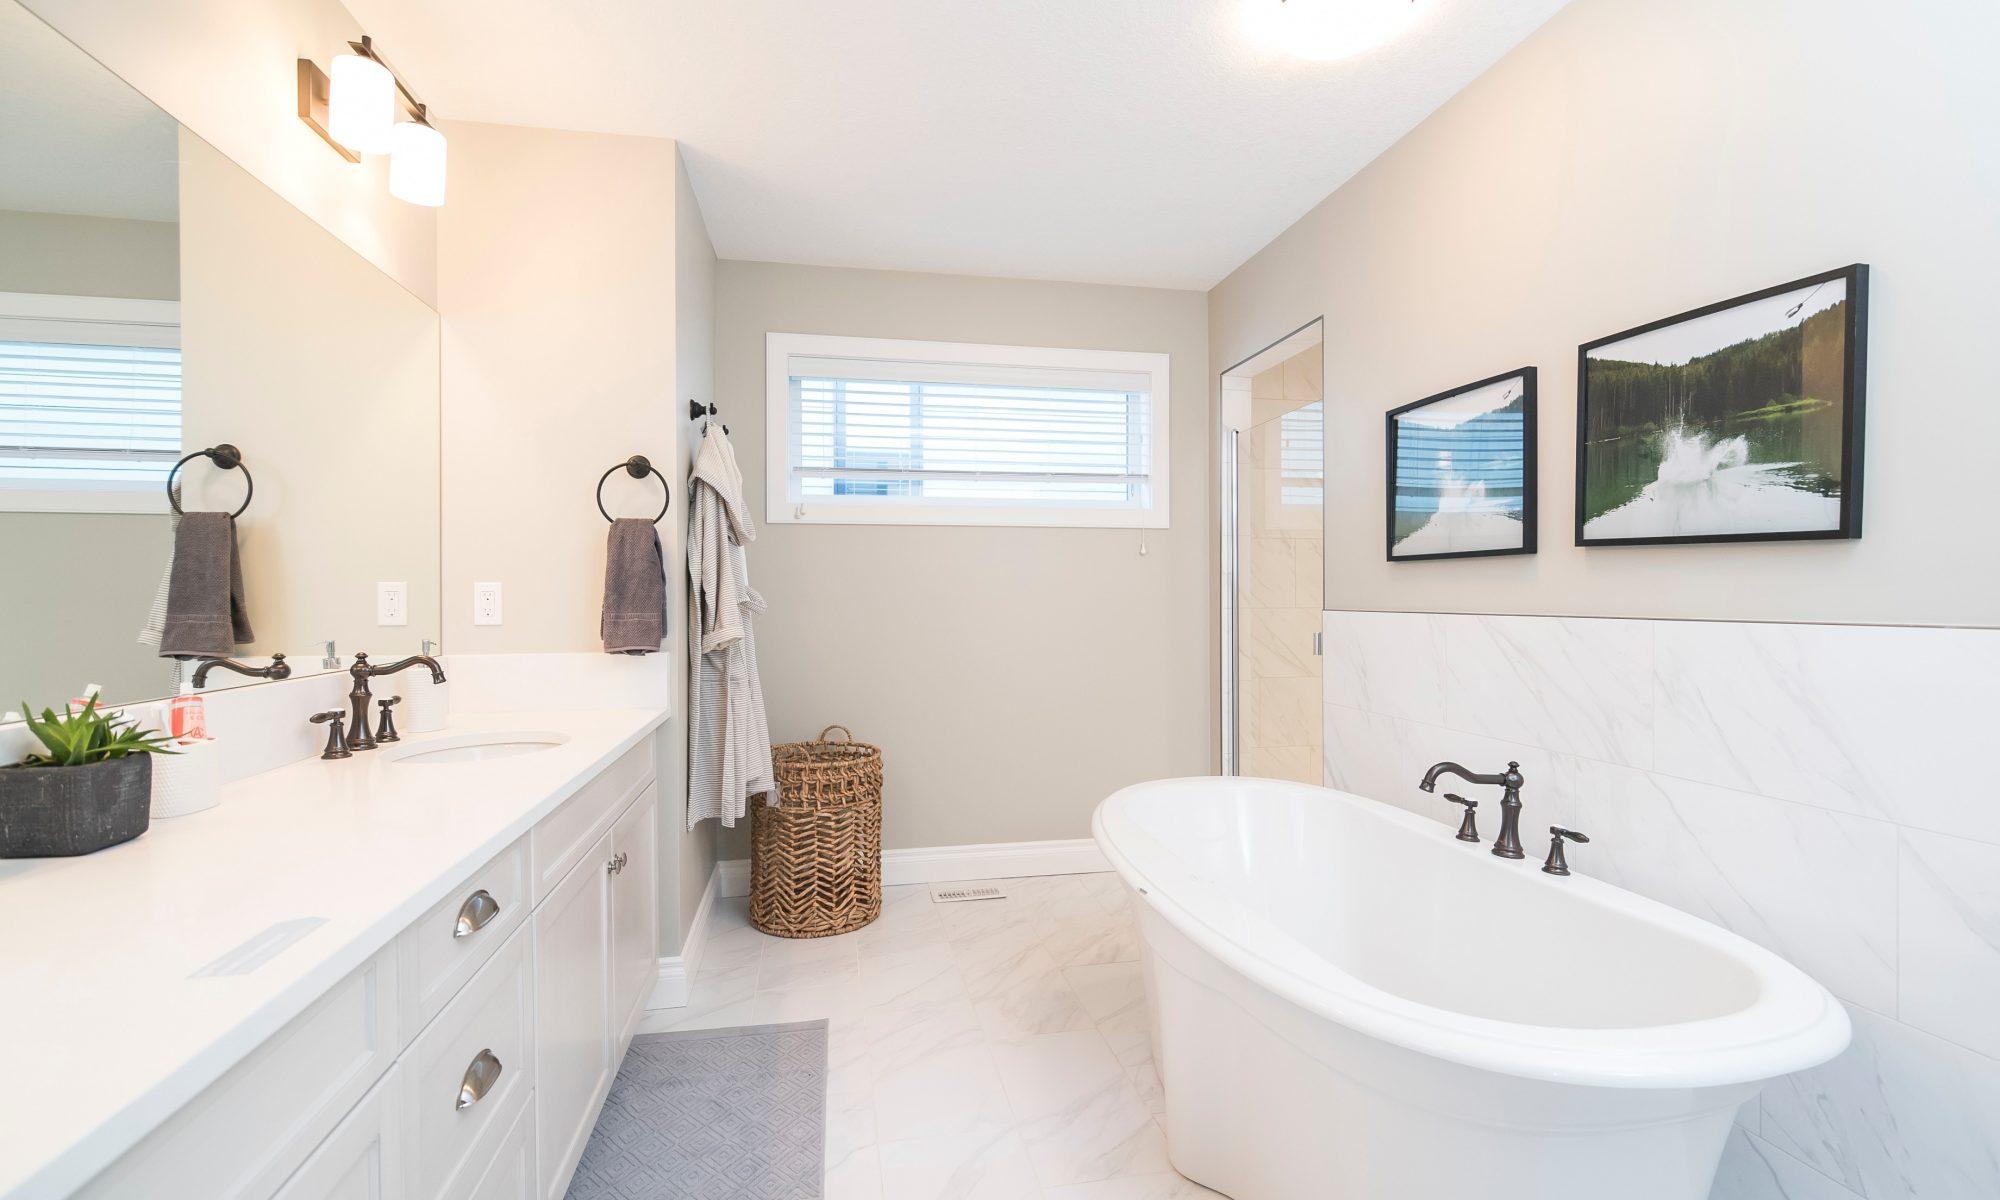 Lækker wellness i dit hjem med maling af badekar